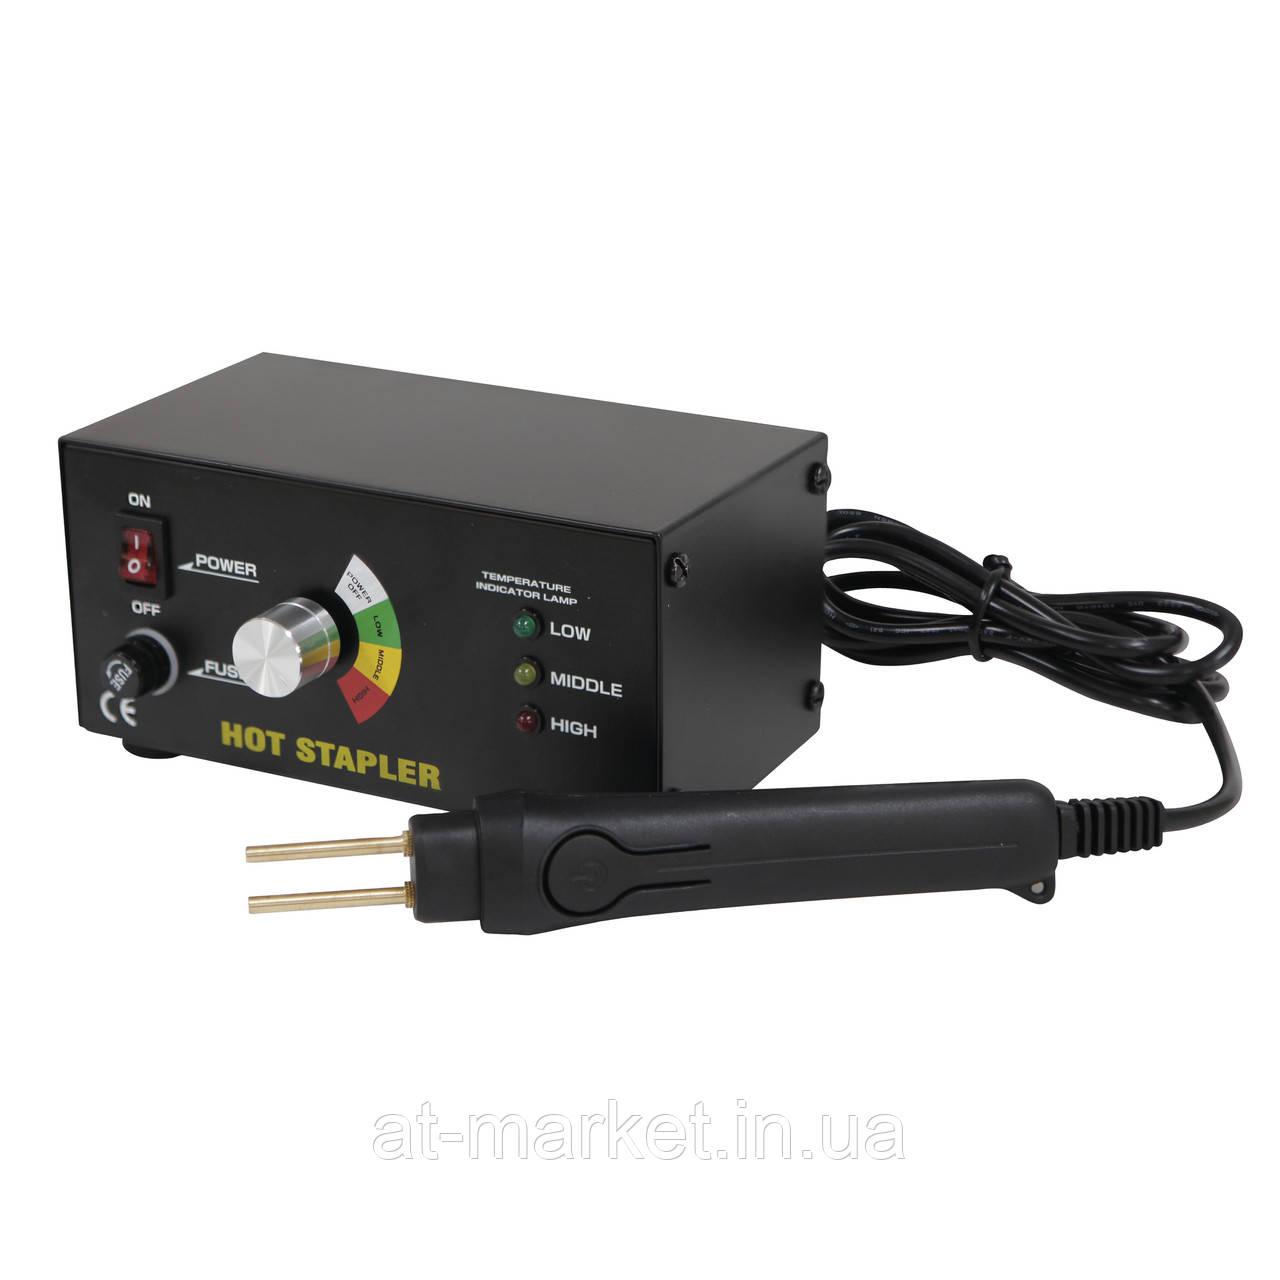 Степлер GYS для ремонта бамперов